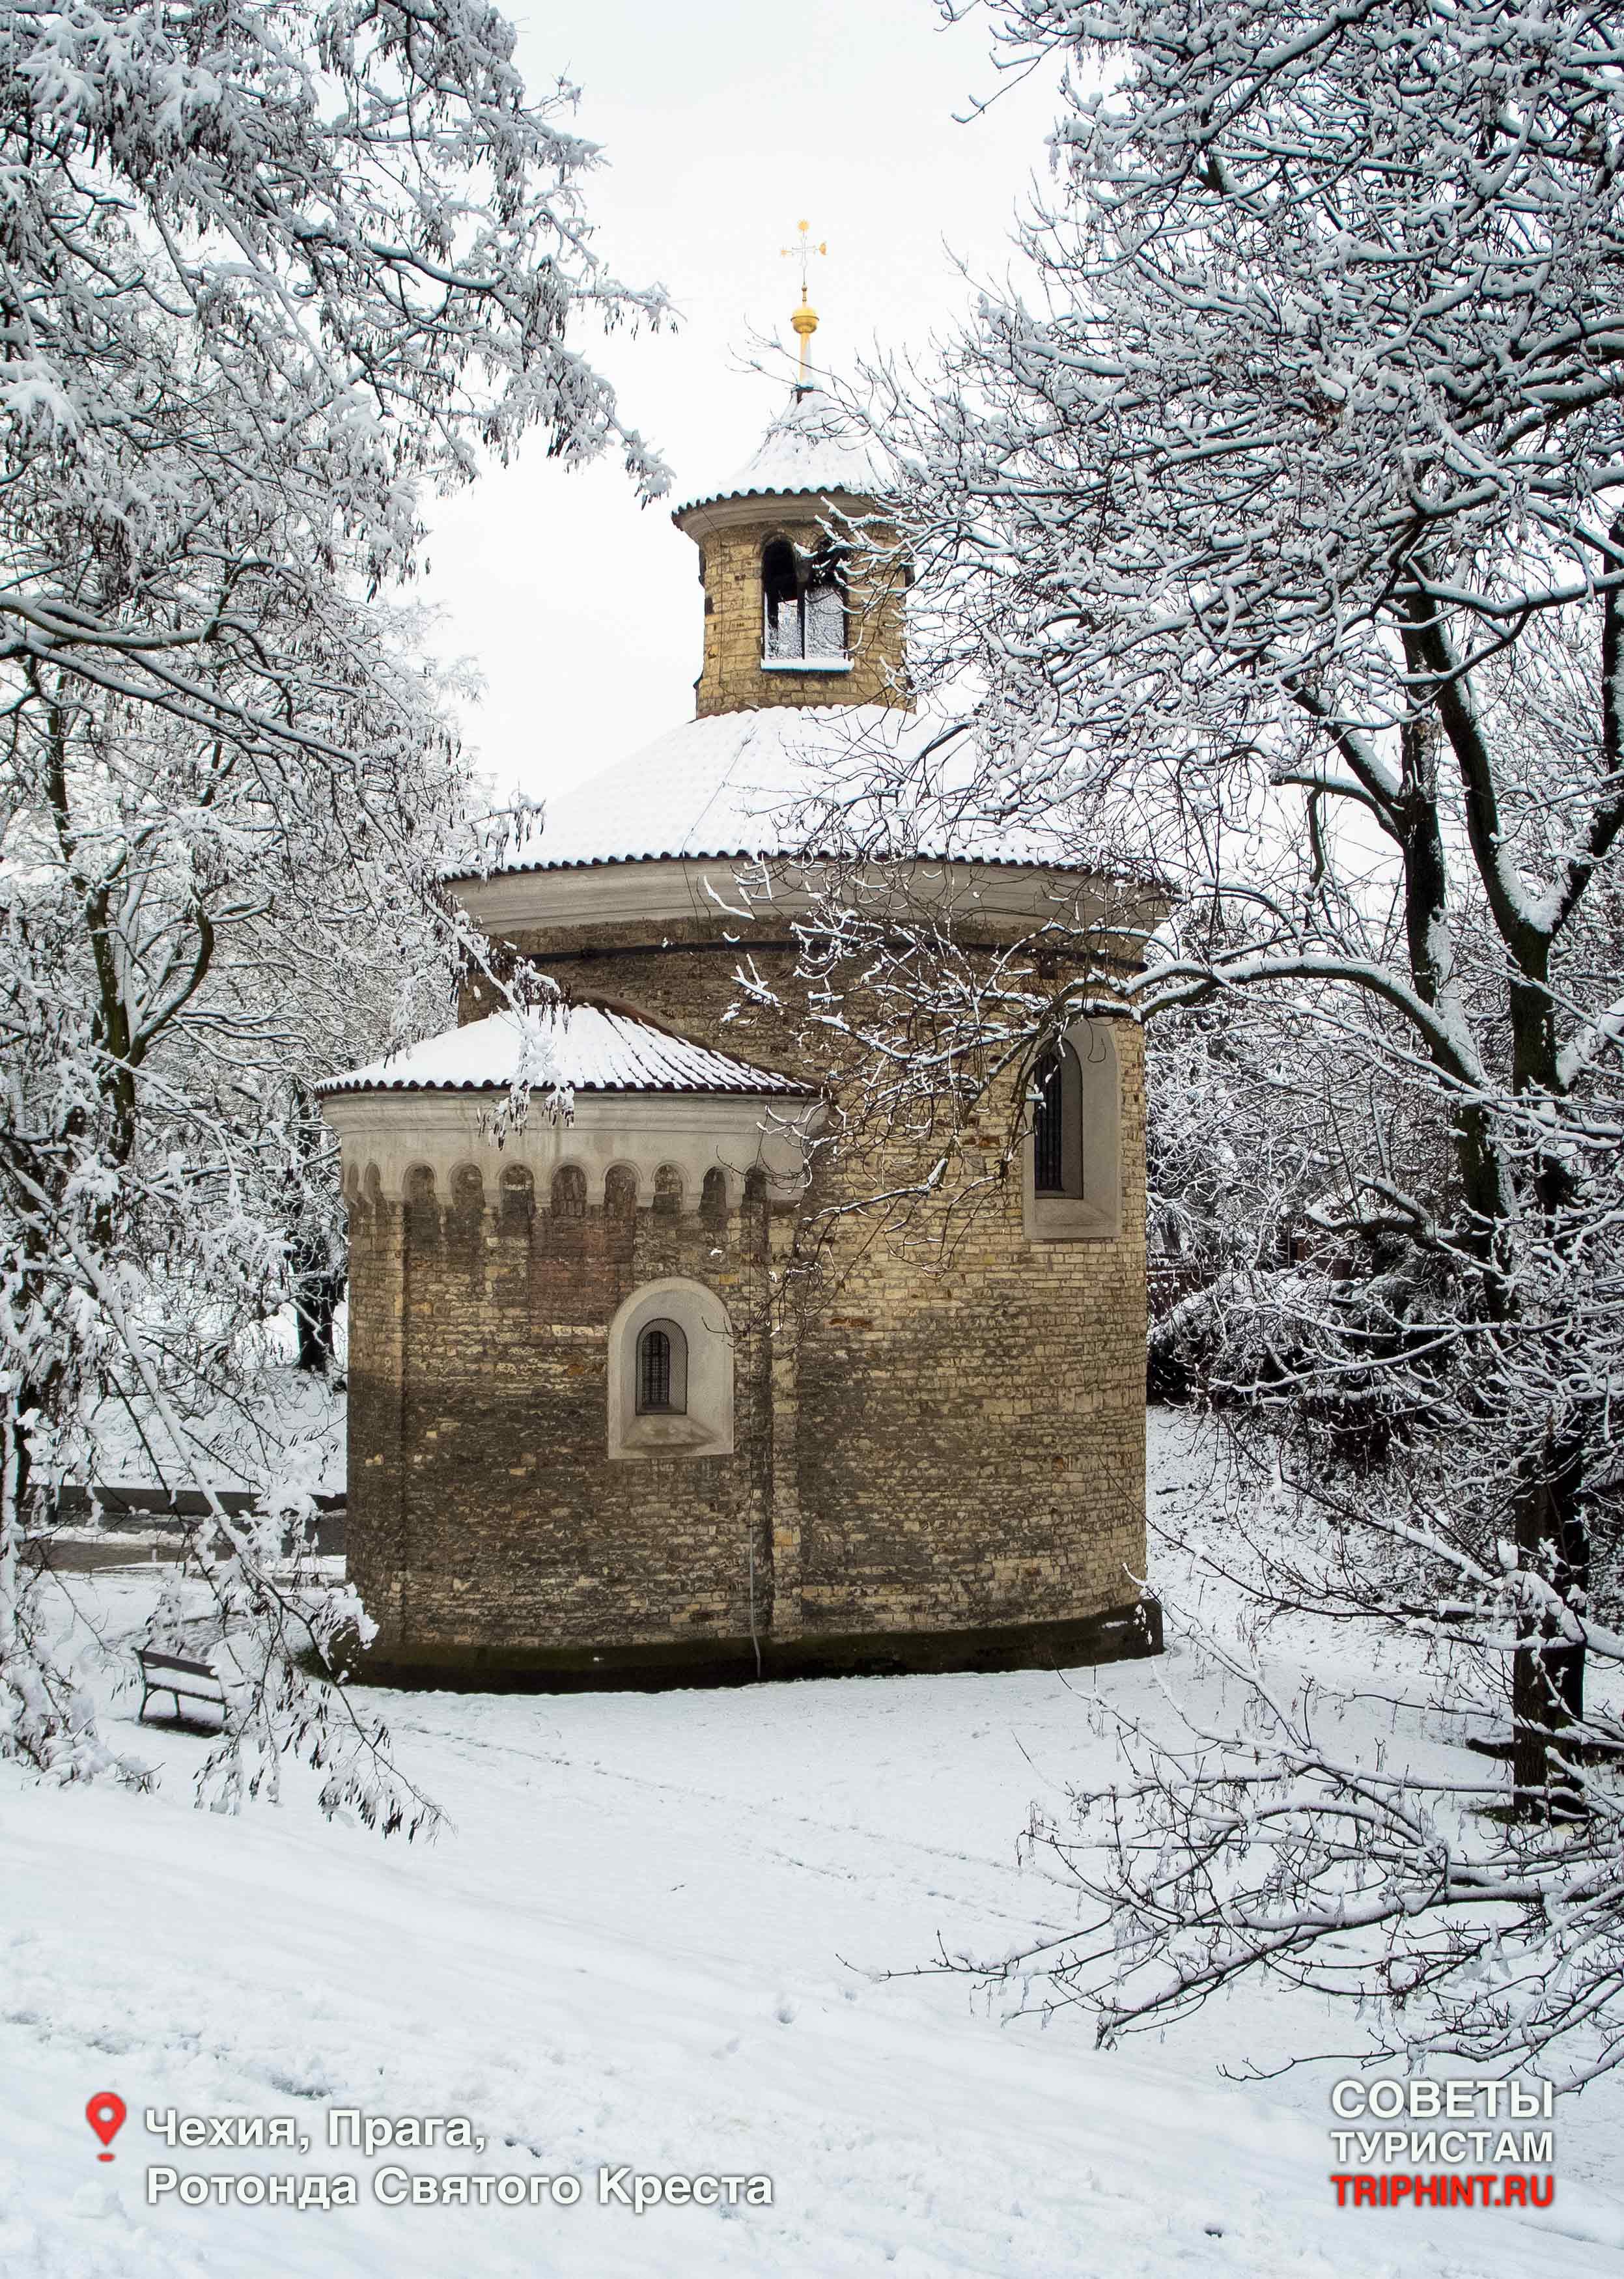 Отдых на новый год в Чехии - Ротонда Святого Креста в Праге